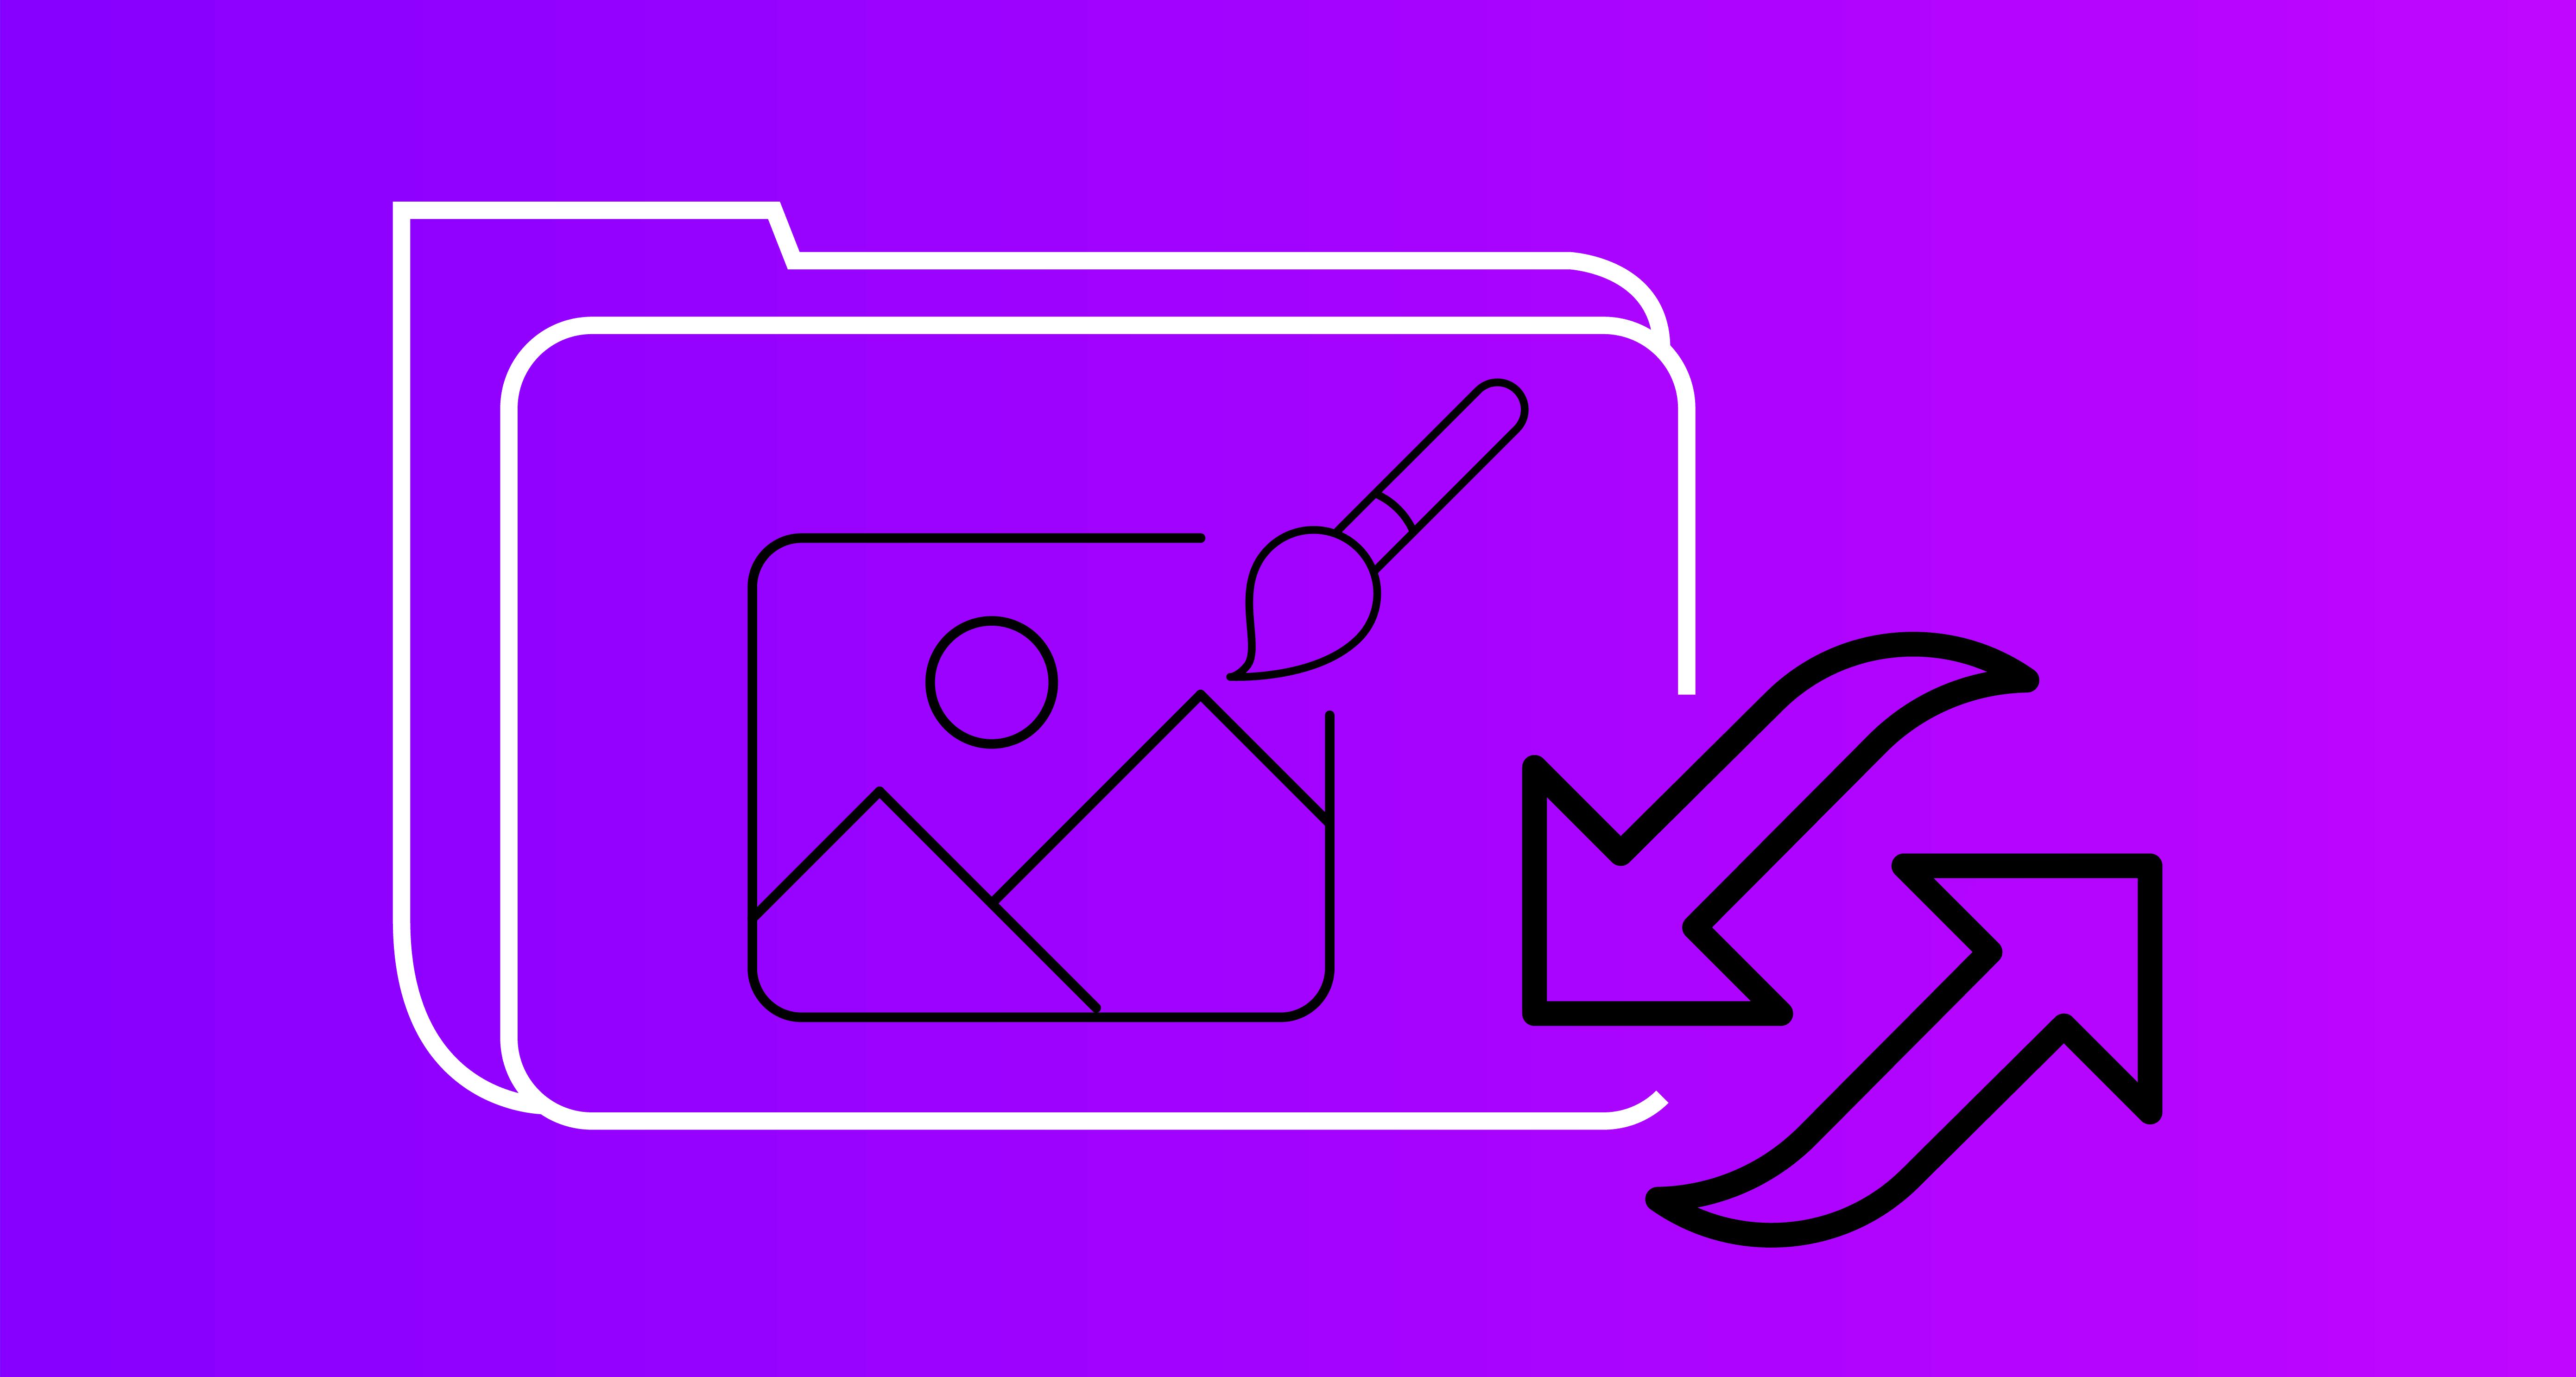 Design File Conversion v2-min